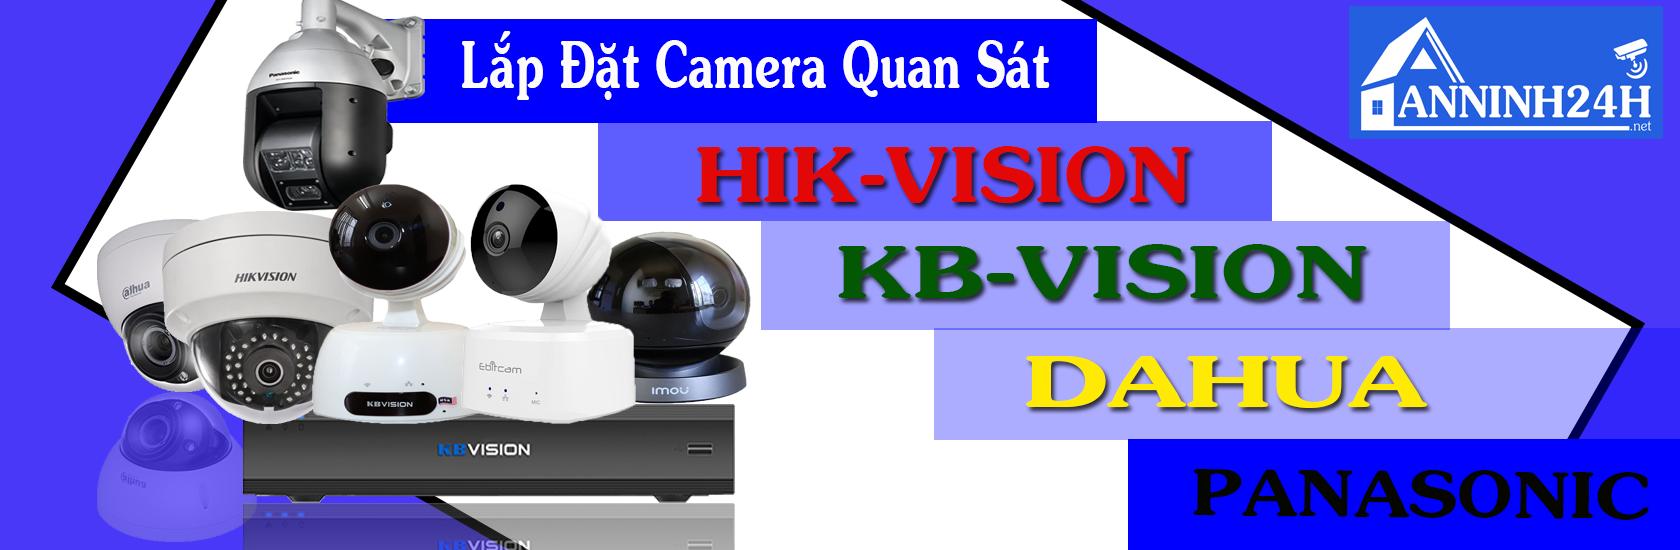 Lắp đặt và sửa chữa Camera quan sát tại quận 1, uy tín, giá rẻ.